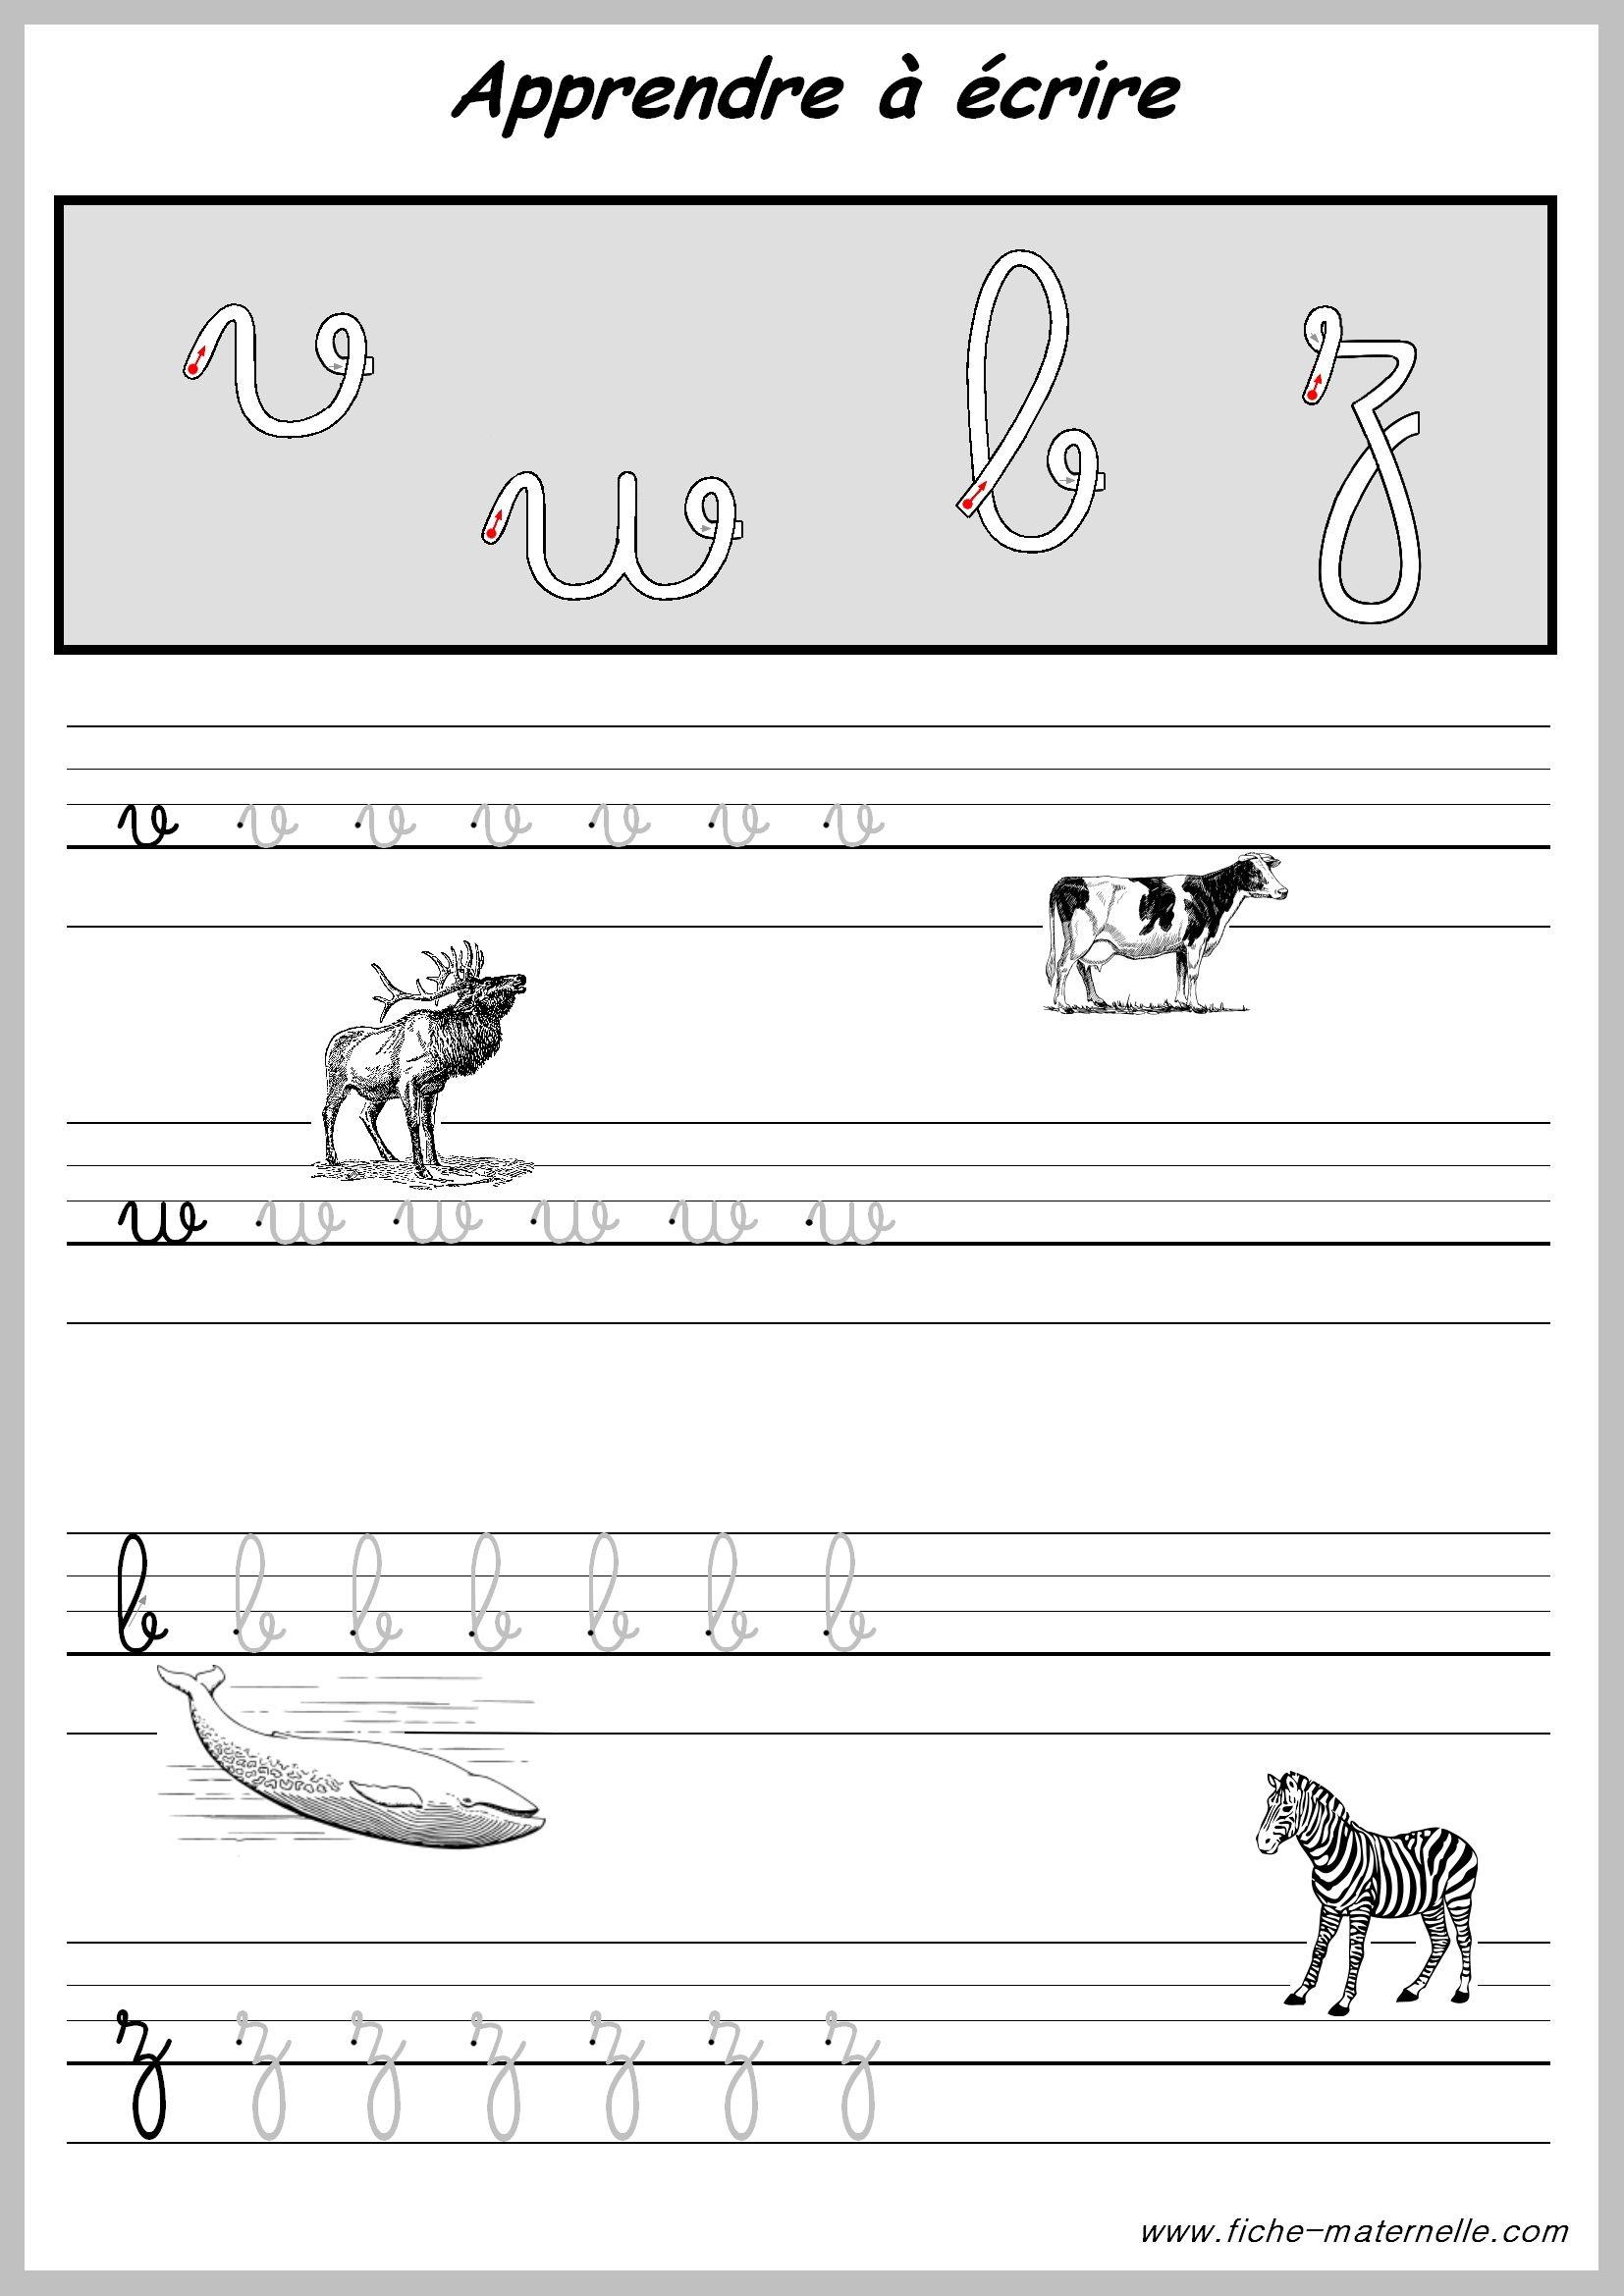 Exercices Pratiques Pour Apprendre A Ecrire. | Apprendre À serapportantà Apprendre A Ecrire Les Lettres